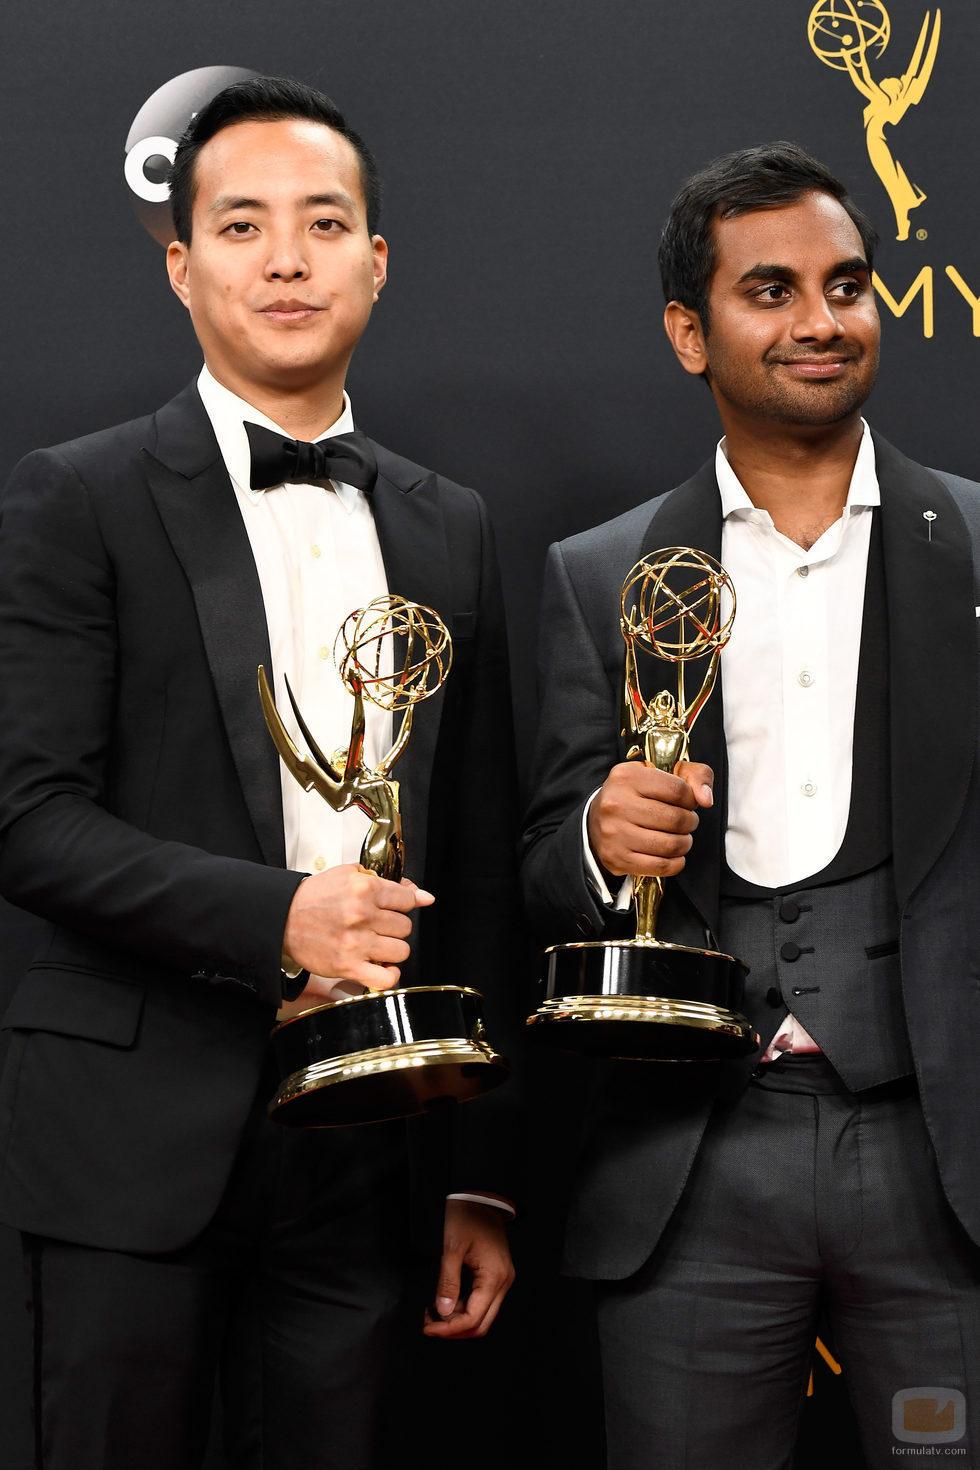 Alan Yang y Aziz Ansari, ganadores de un Premio Emmy 2016